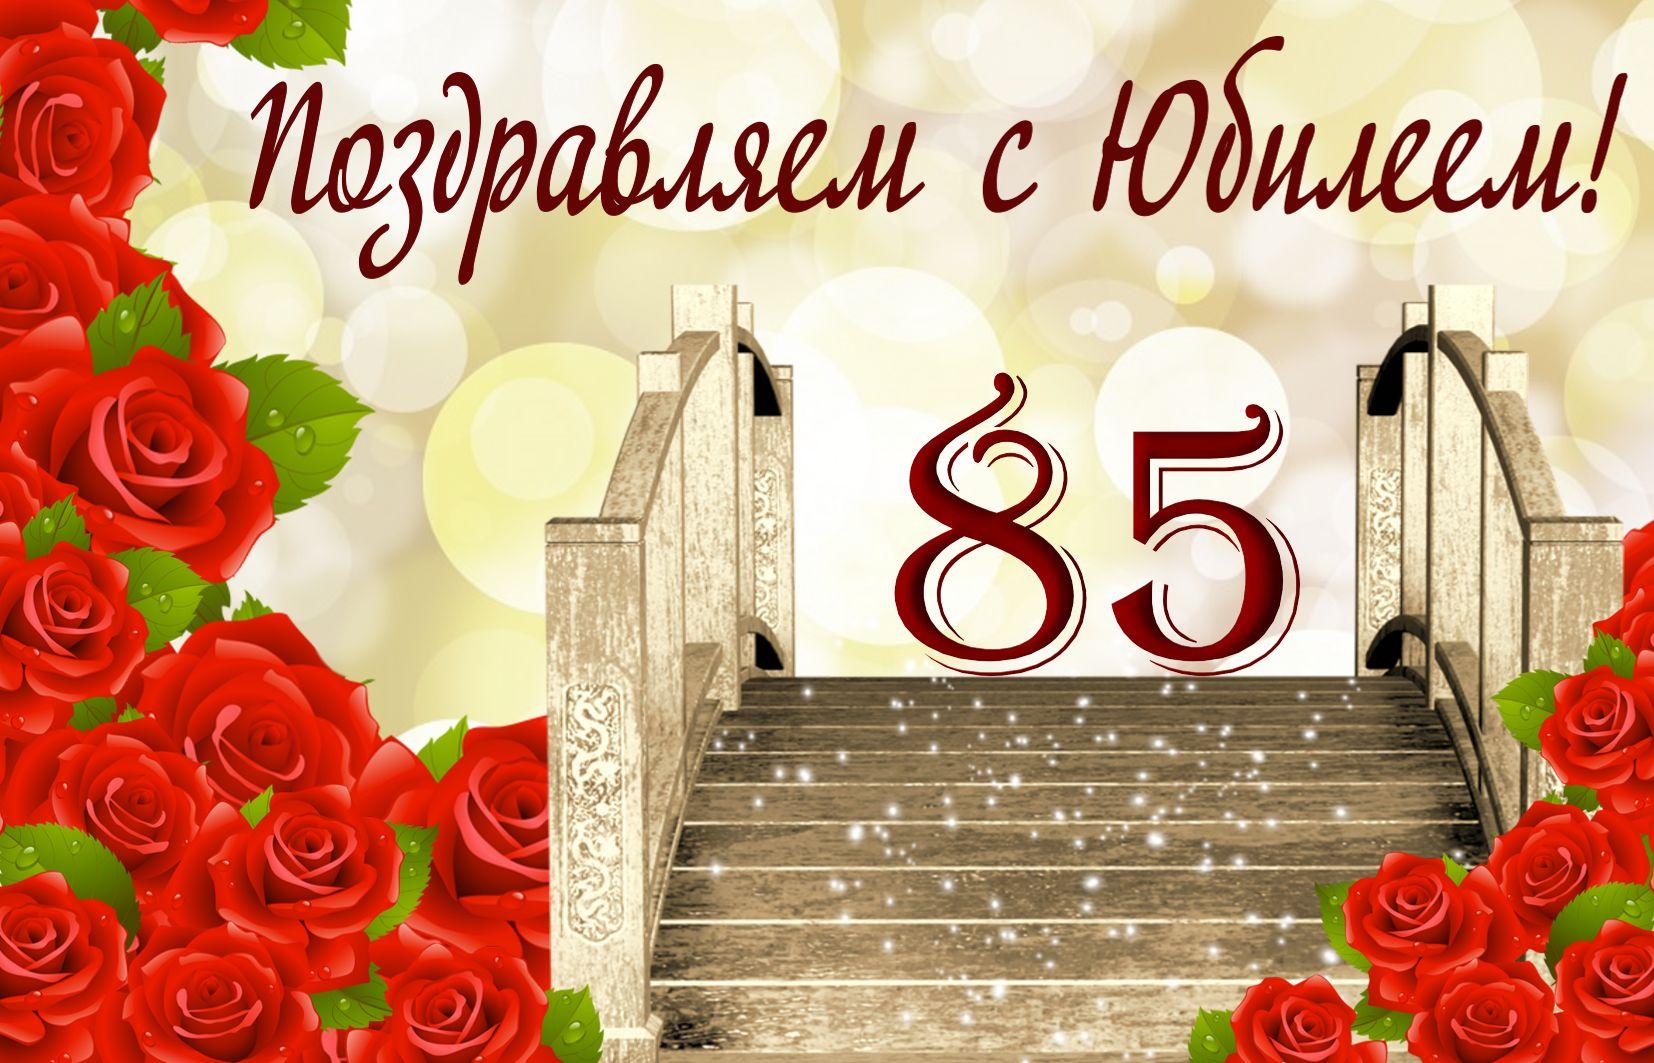 Открытка на юбилей 85 лет - мостик в блестках в окружении красных роз